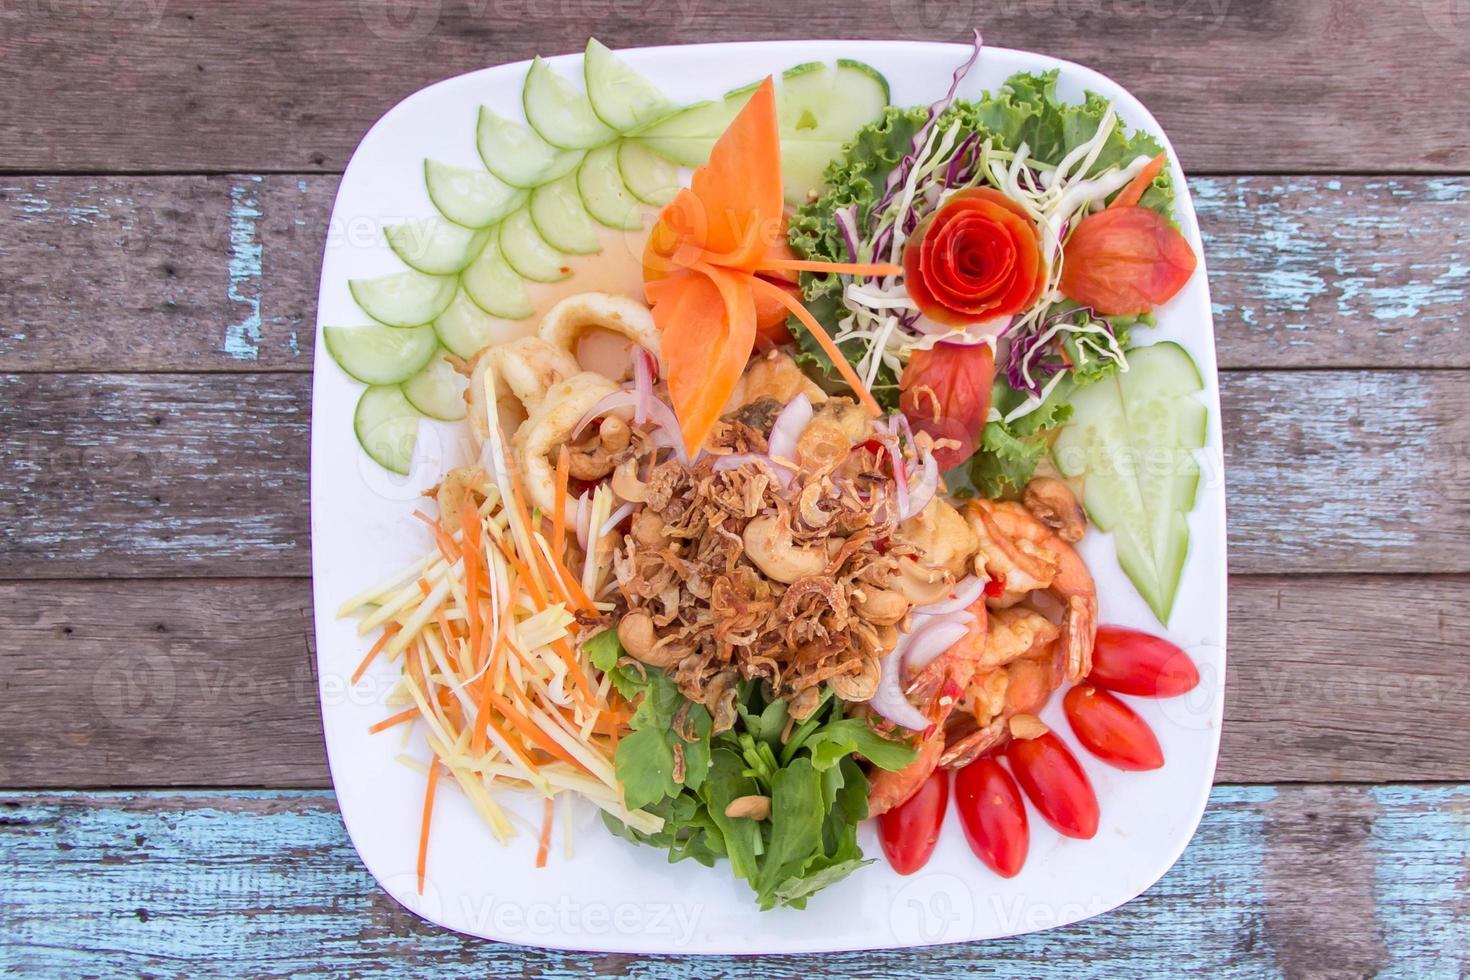 ensalada de frutas tailandesas con sal foto